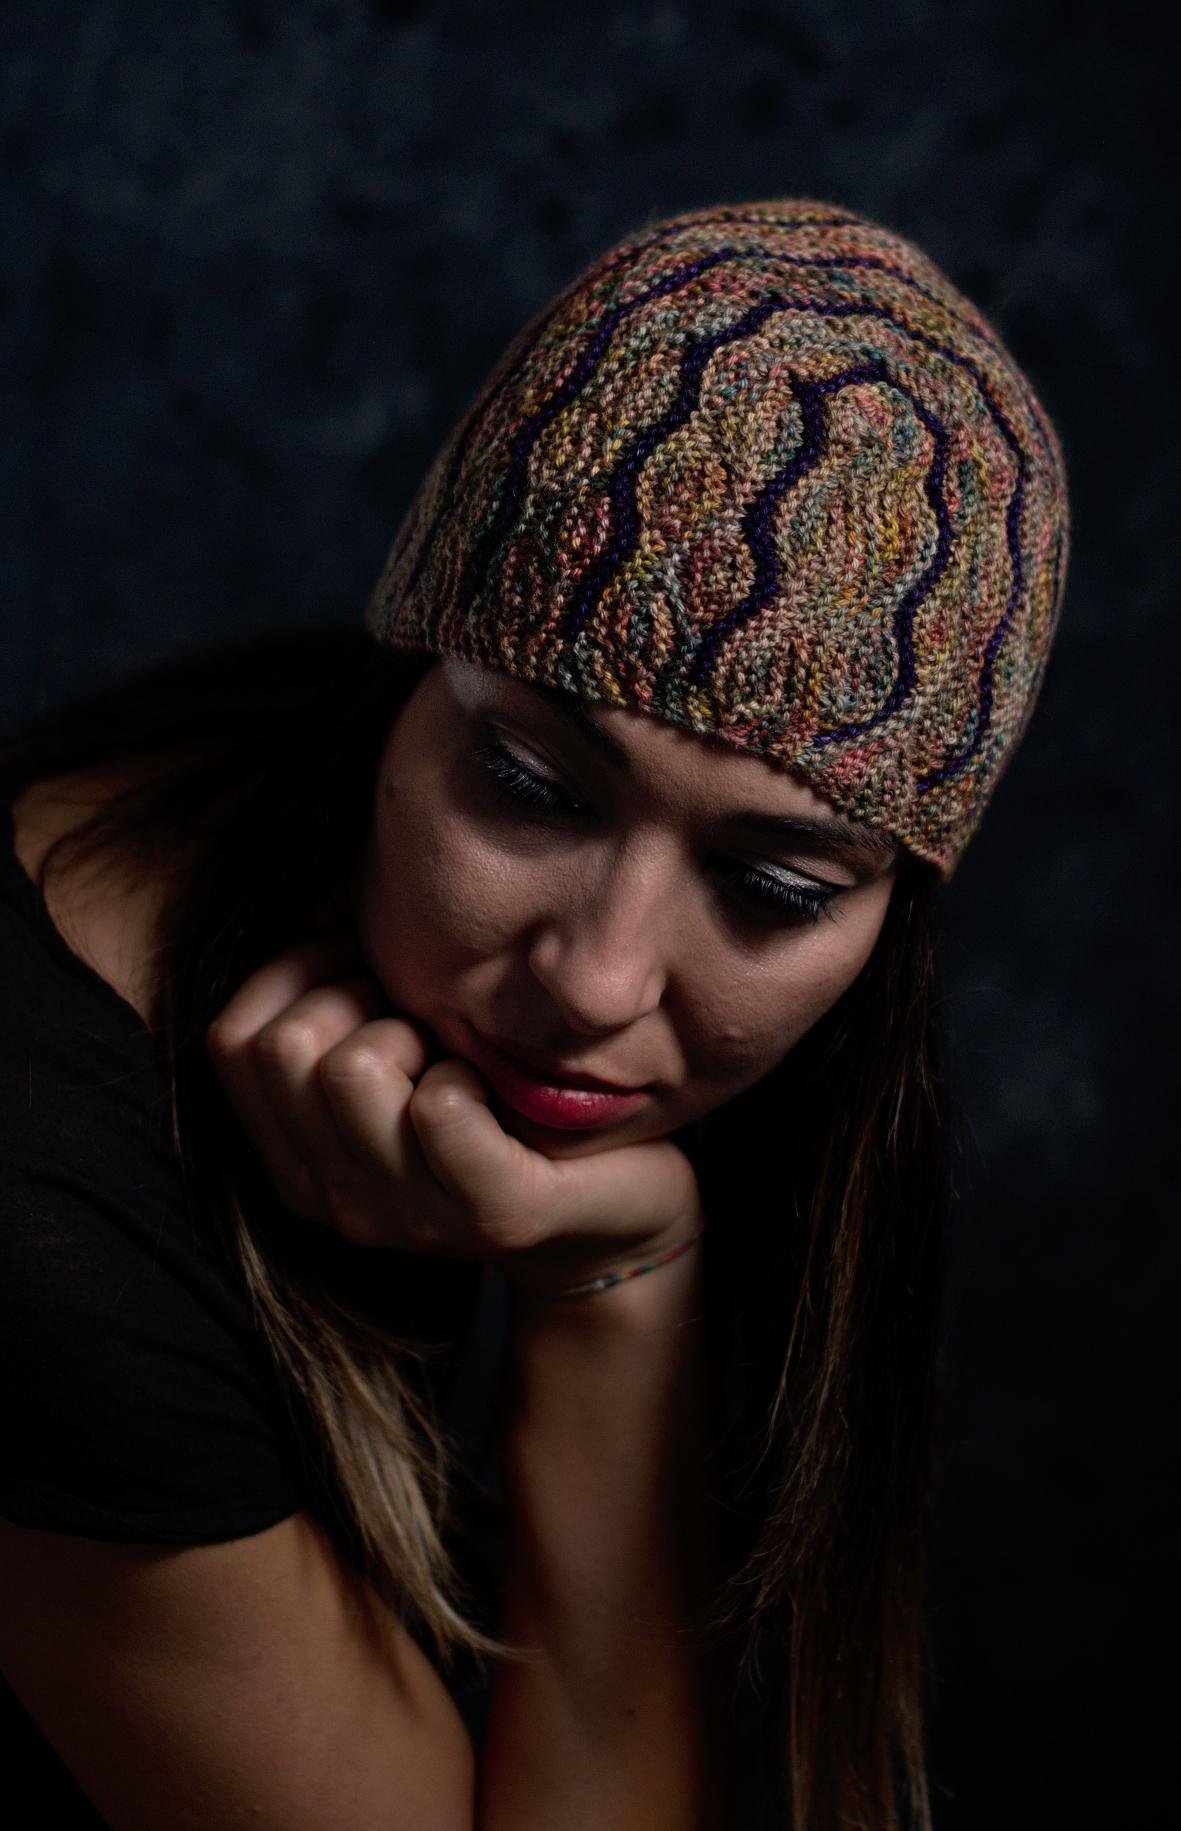 Undulous sideways knit short row colourwork hat hand knitting pattern